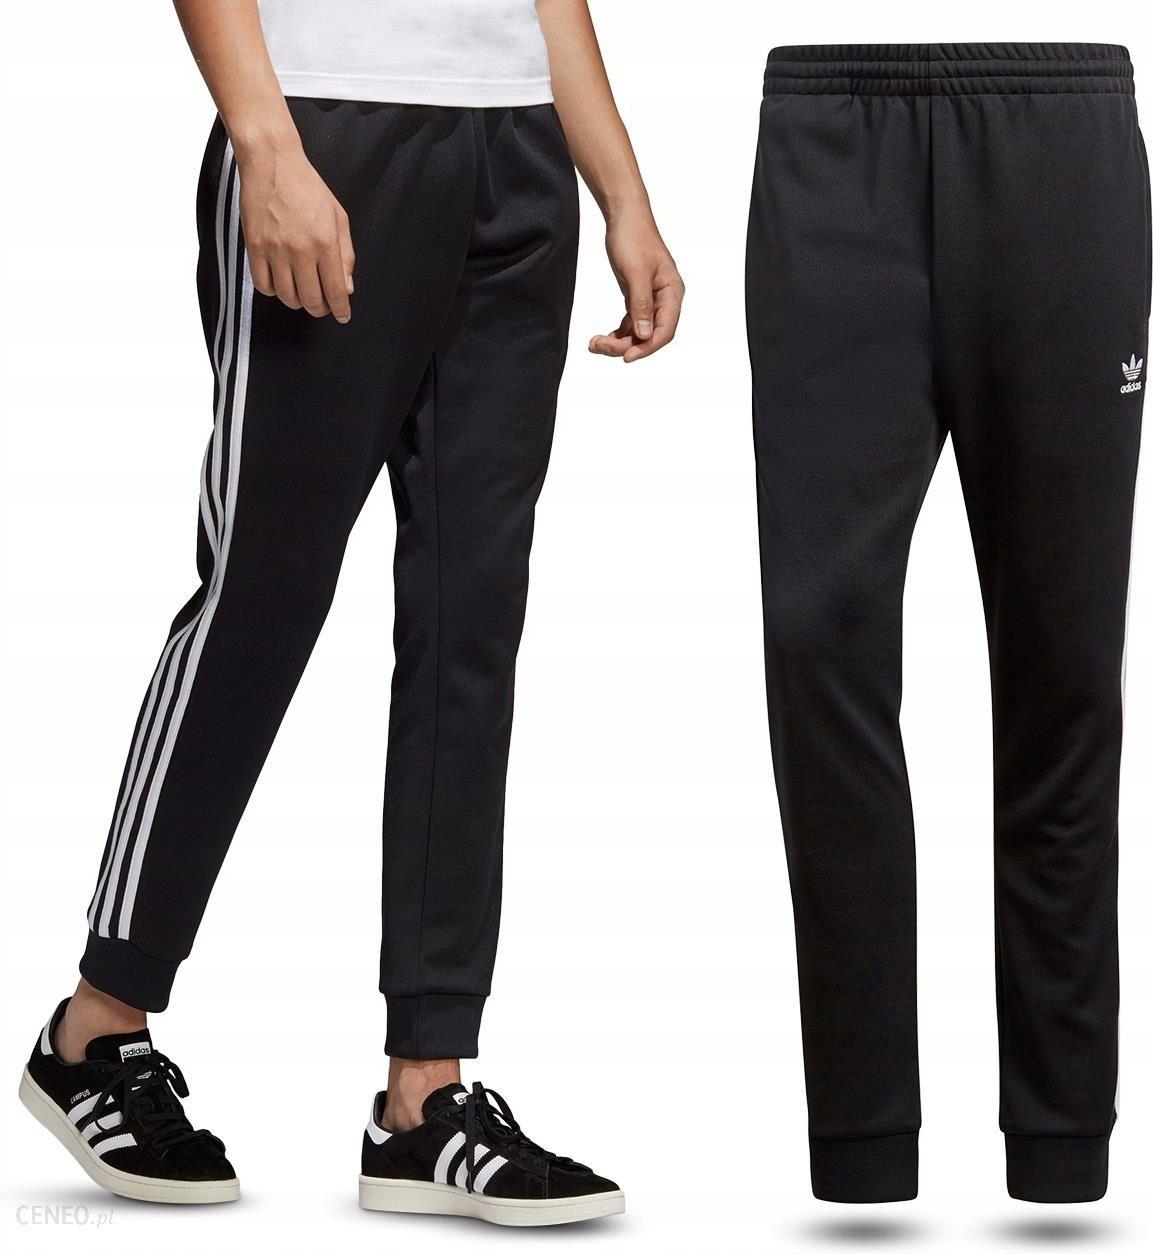 Spodnie Dresowe Adidas Dresy męskie CW1275 Czarne Ceny i opinie Ceneo.pl